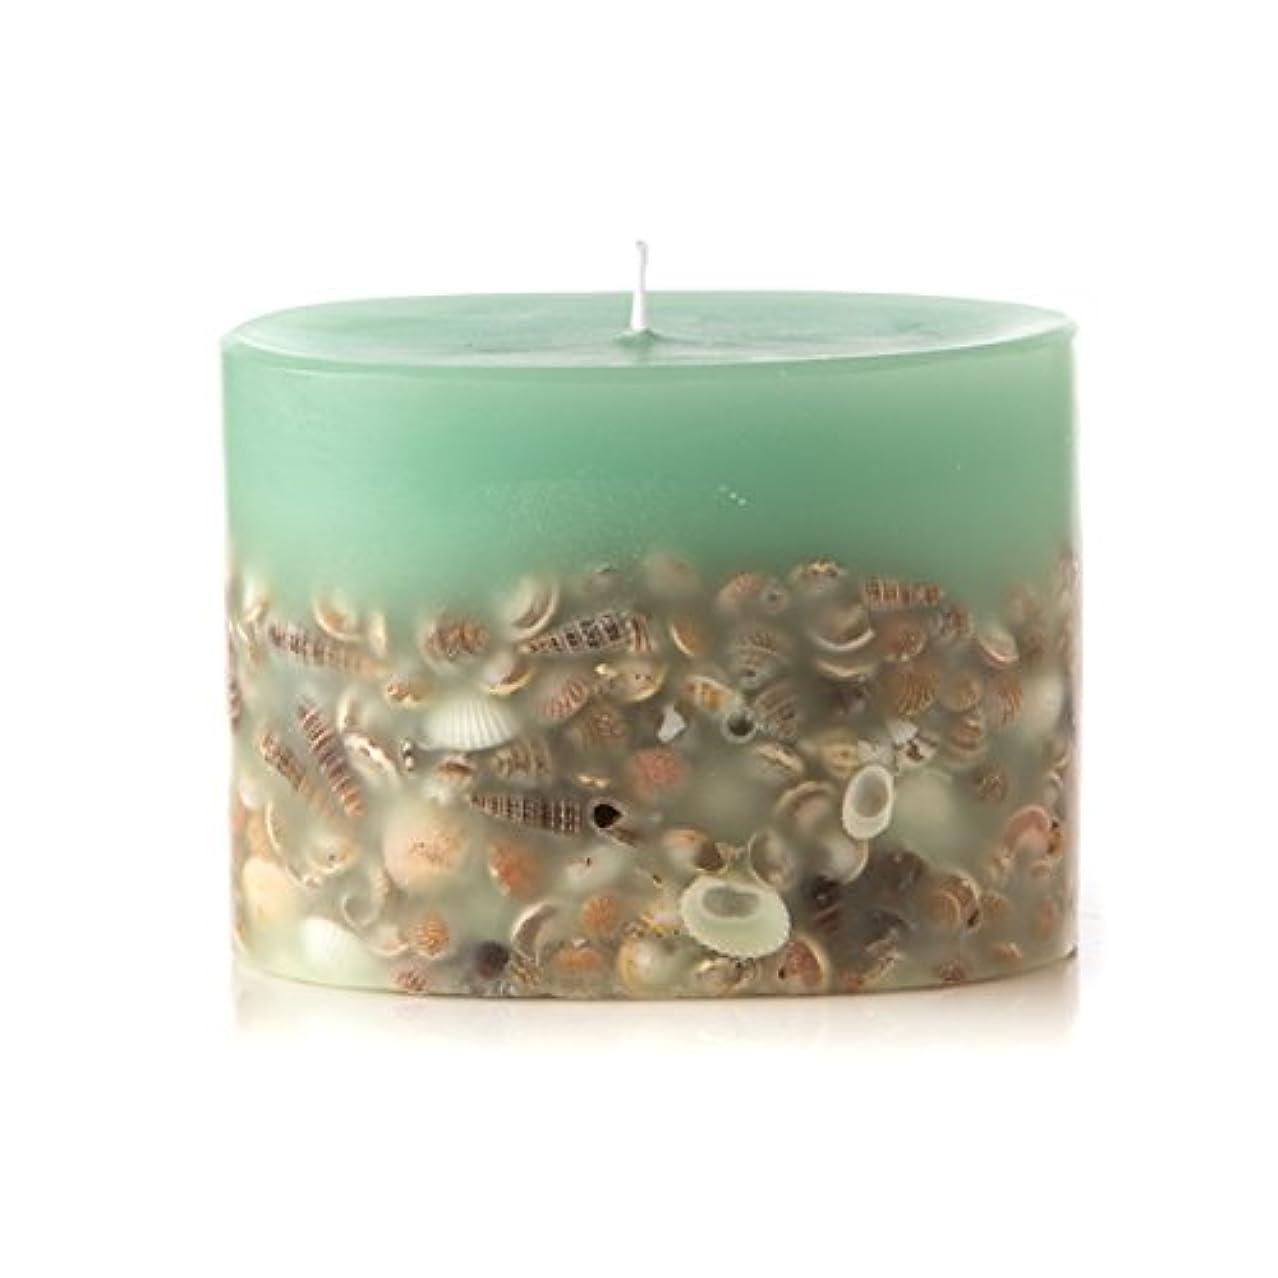 承認するグレートバリアリーフ風味ロージーリングス プティボタニカルキャンドル シーグラス ROSY RINGS Petite Oval Botanical Candle Sea Glass